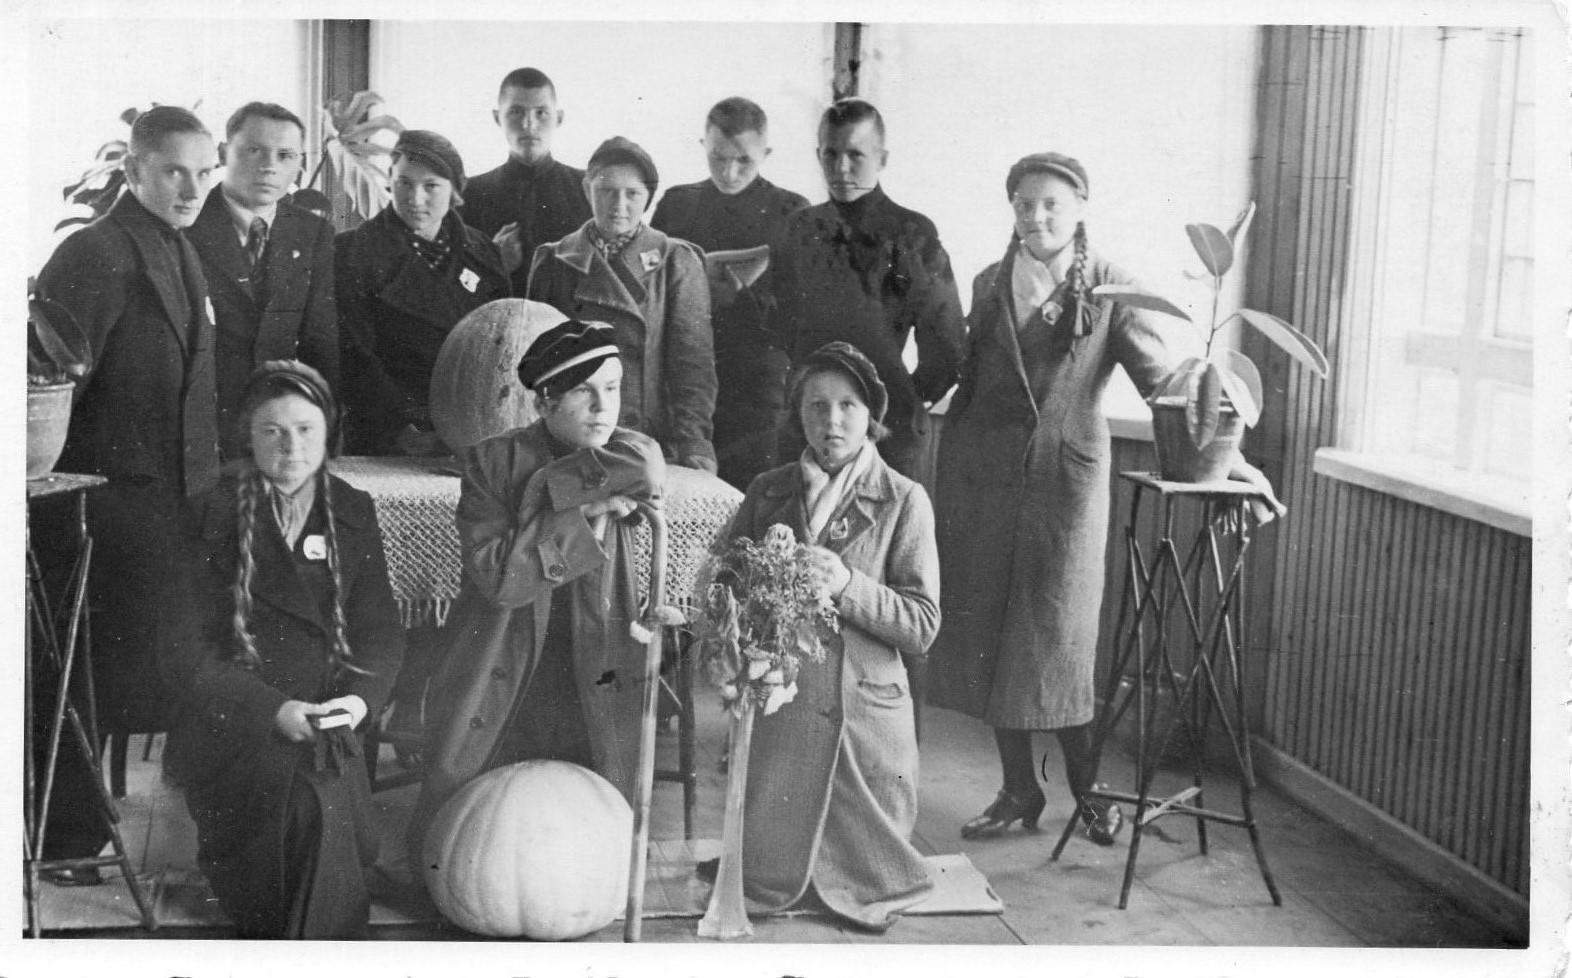 Ateitininkų susibūrimas. J. Švabaitė klūpi pirma iš dešinės. K. Bradūnas stovi antras iš kairės. Vilkaviškis, apie 1935-1938 m.